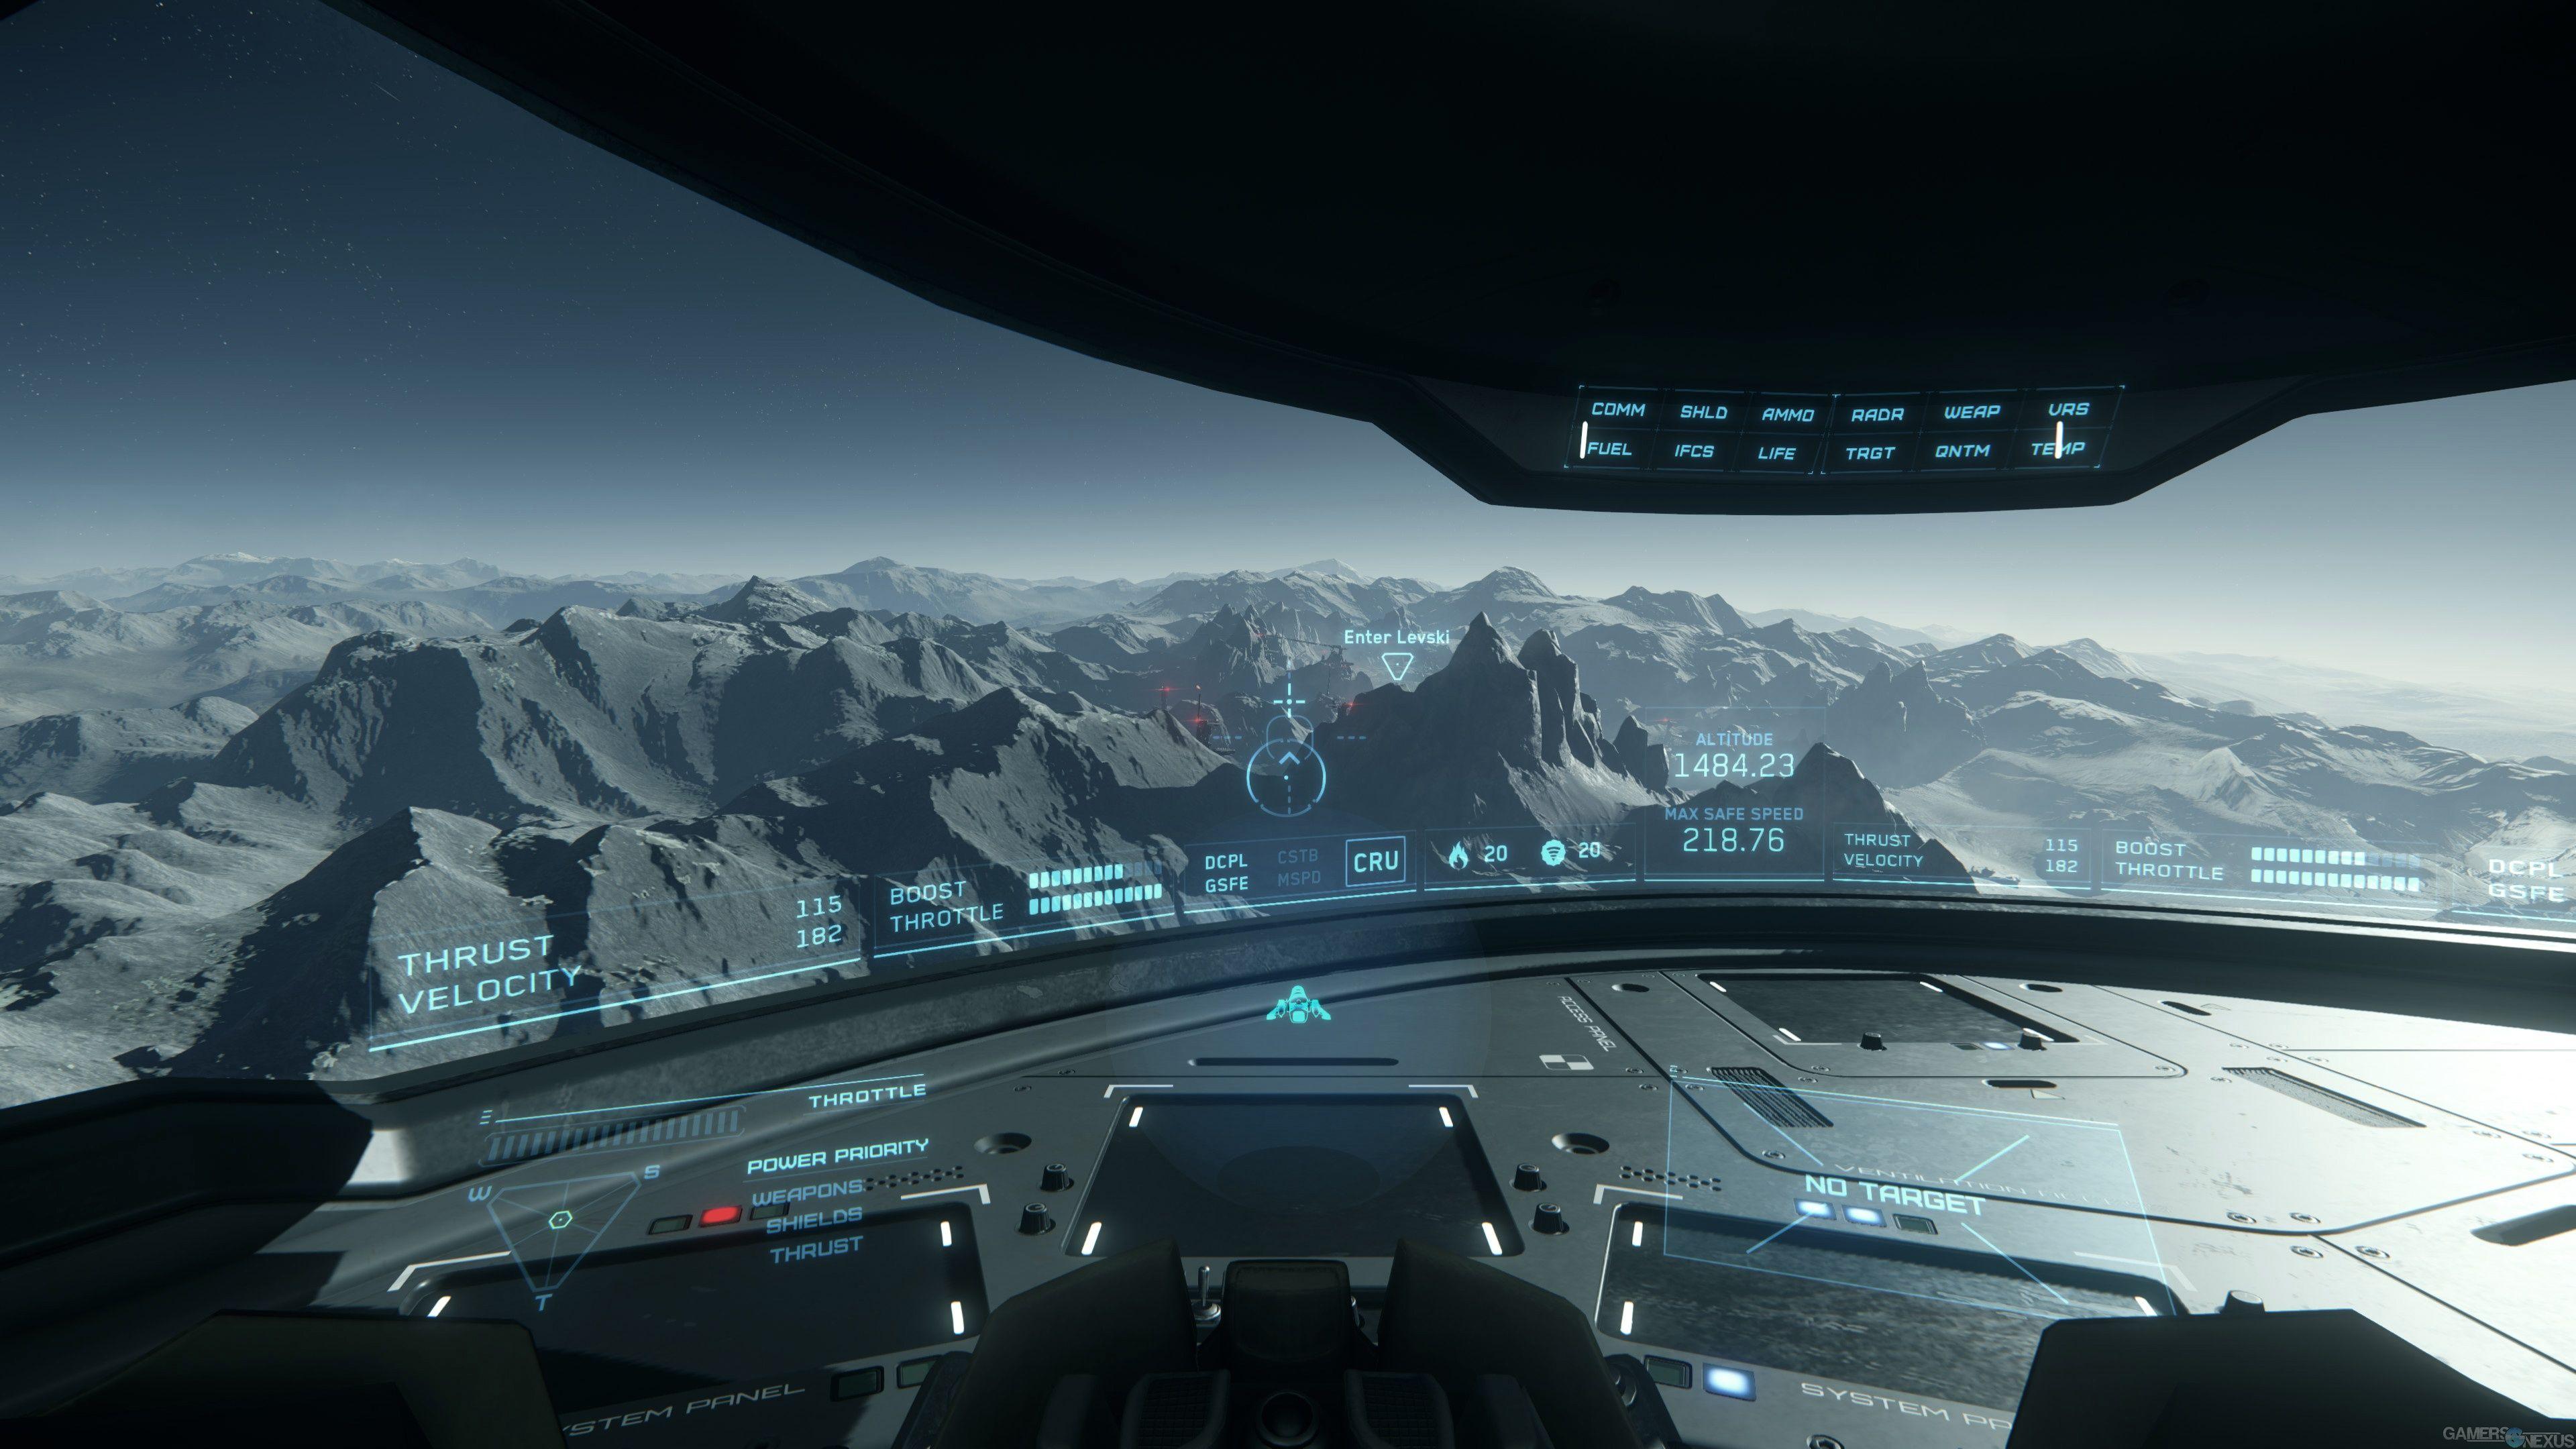 Pin de caleb maxwell en concept space vehicles pinterest for Interior nave espacial